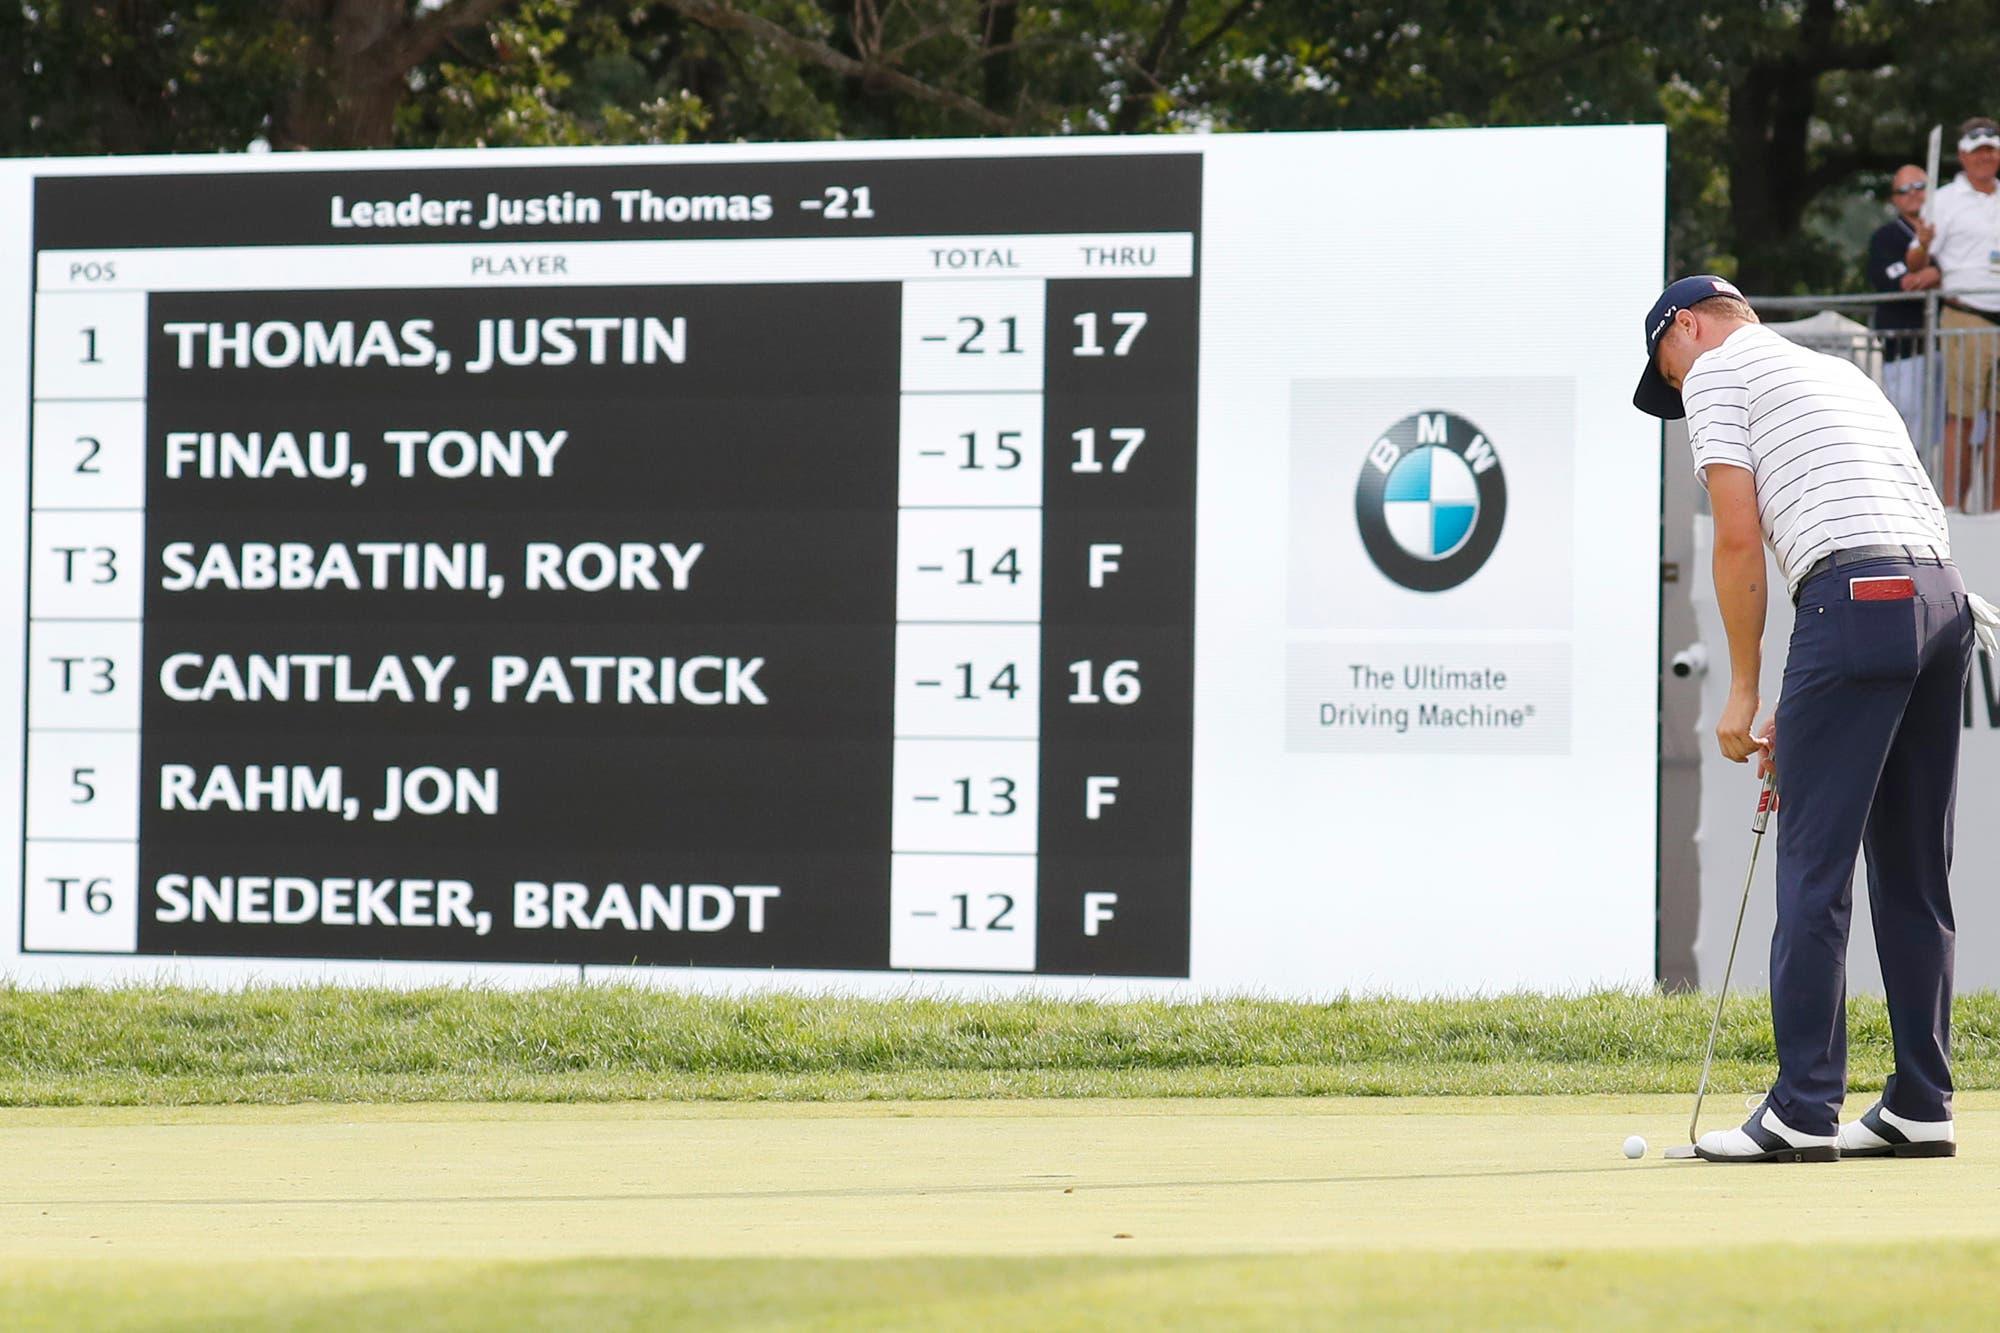 Un impresionante récord de vuelta… en golf: 11 golpes bajo el par